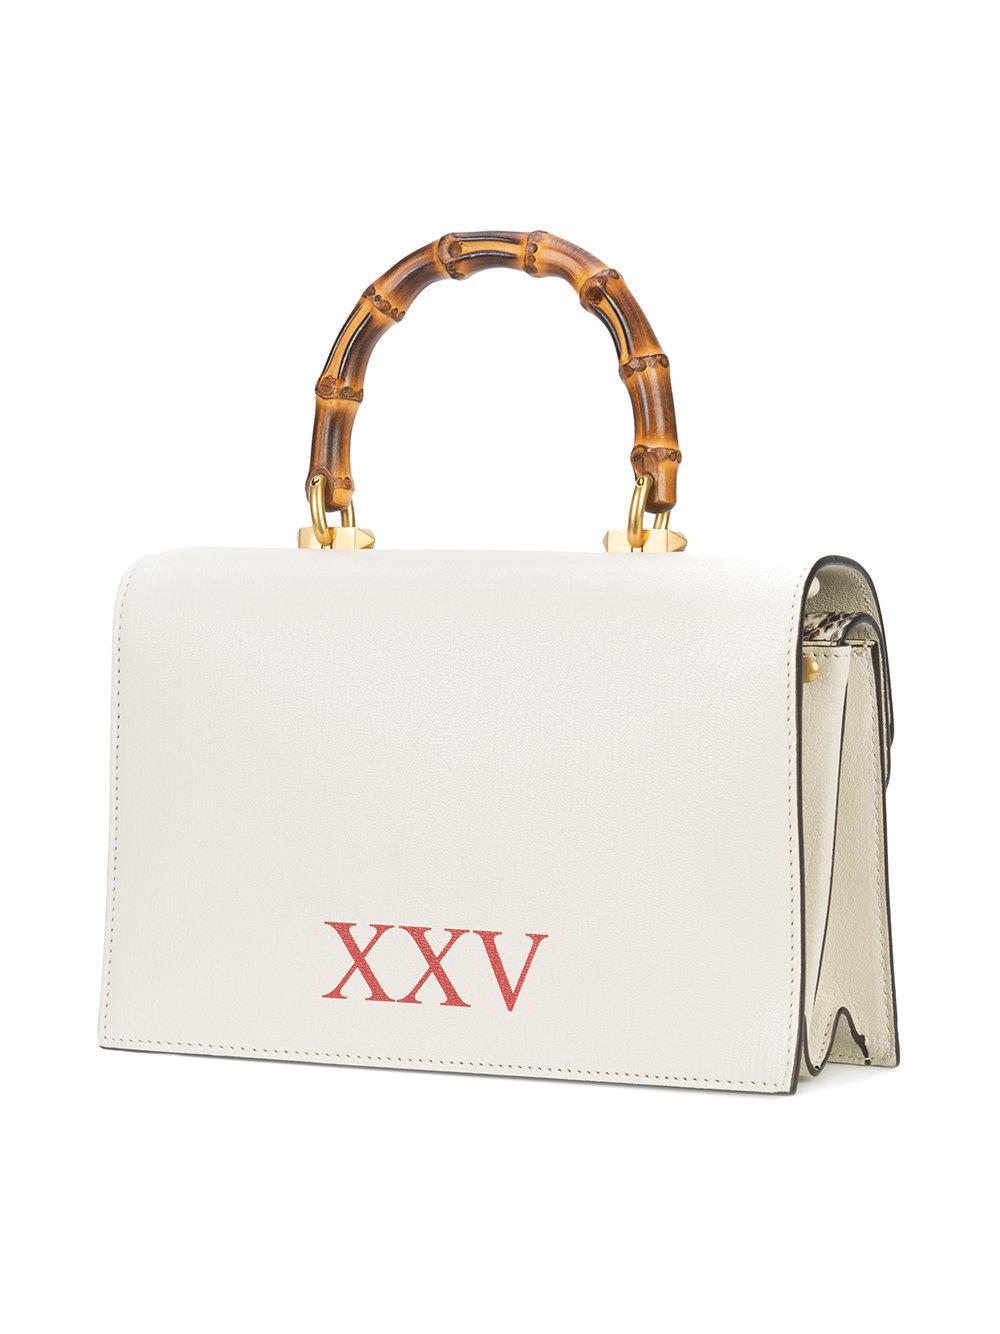 13d3fce5e6a Gucci Ottilia Leather Small Top Handle in White - Lyst